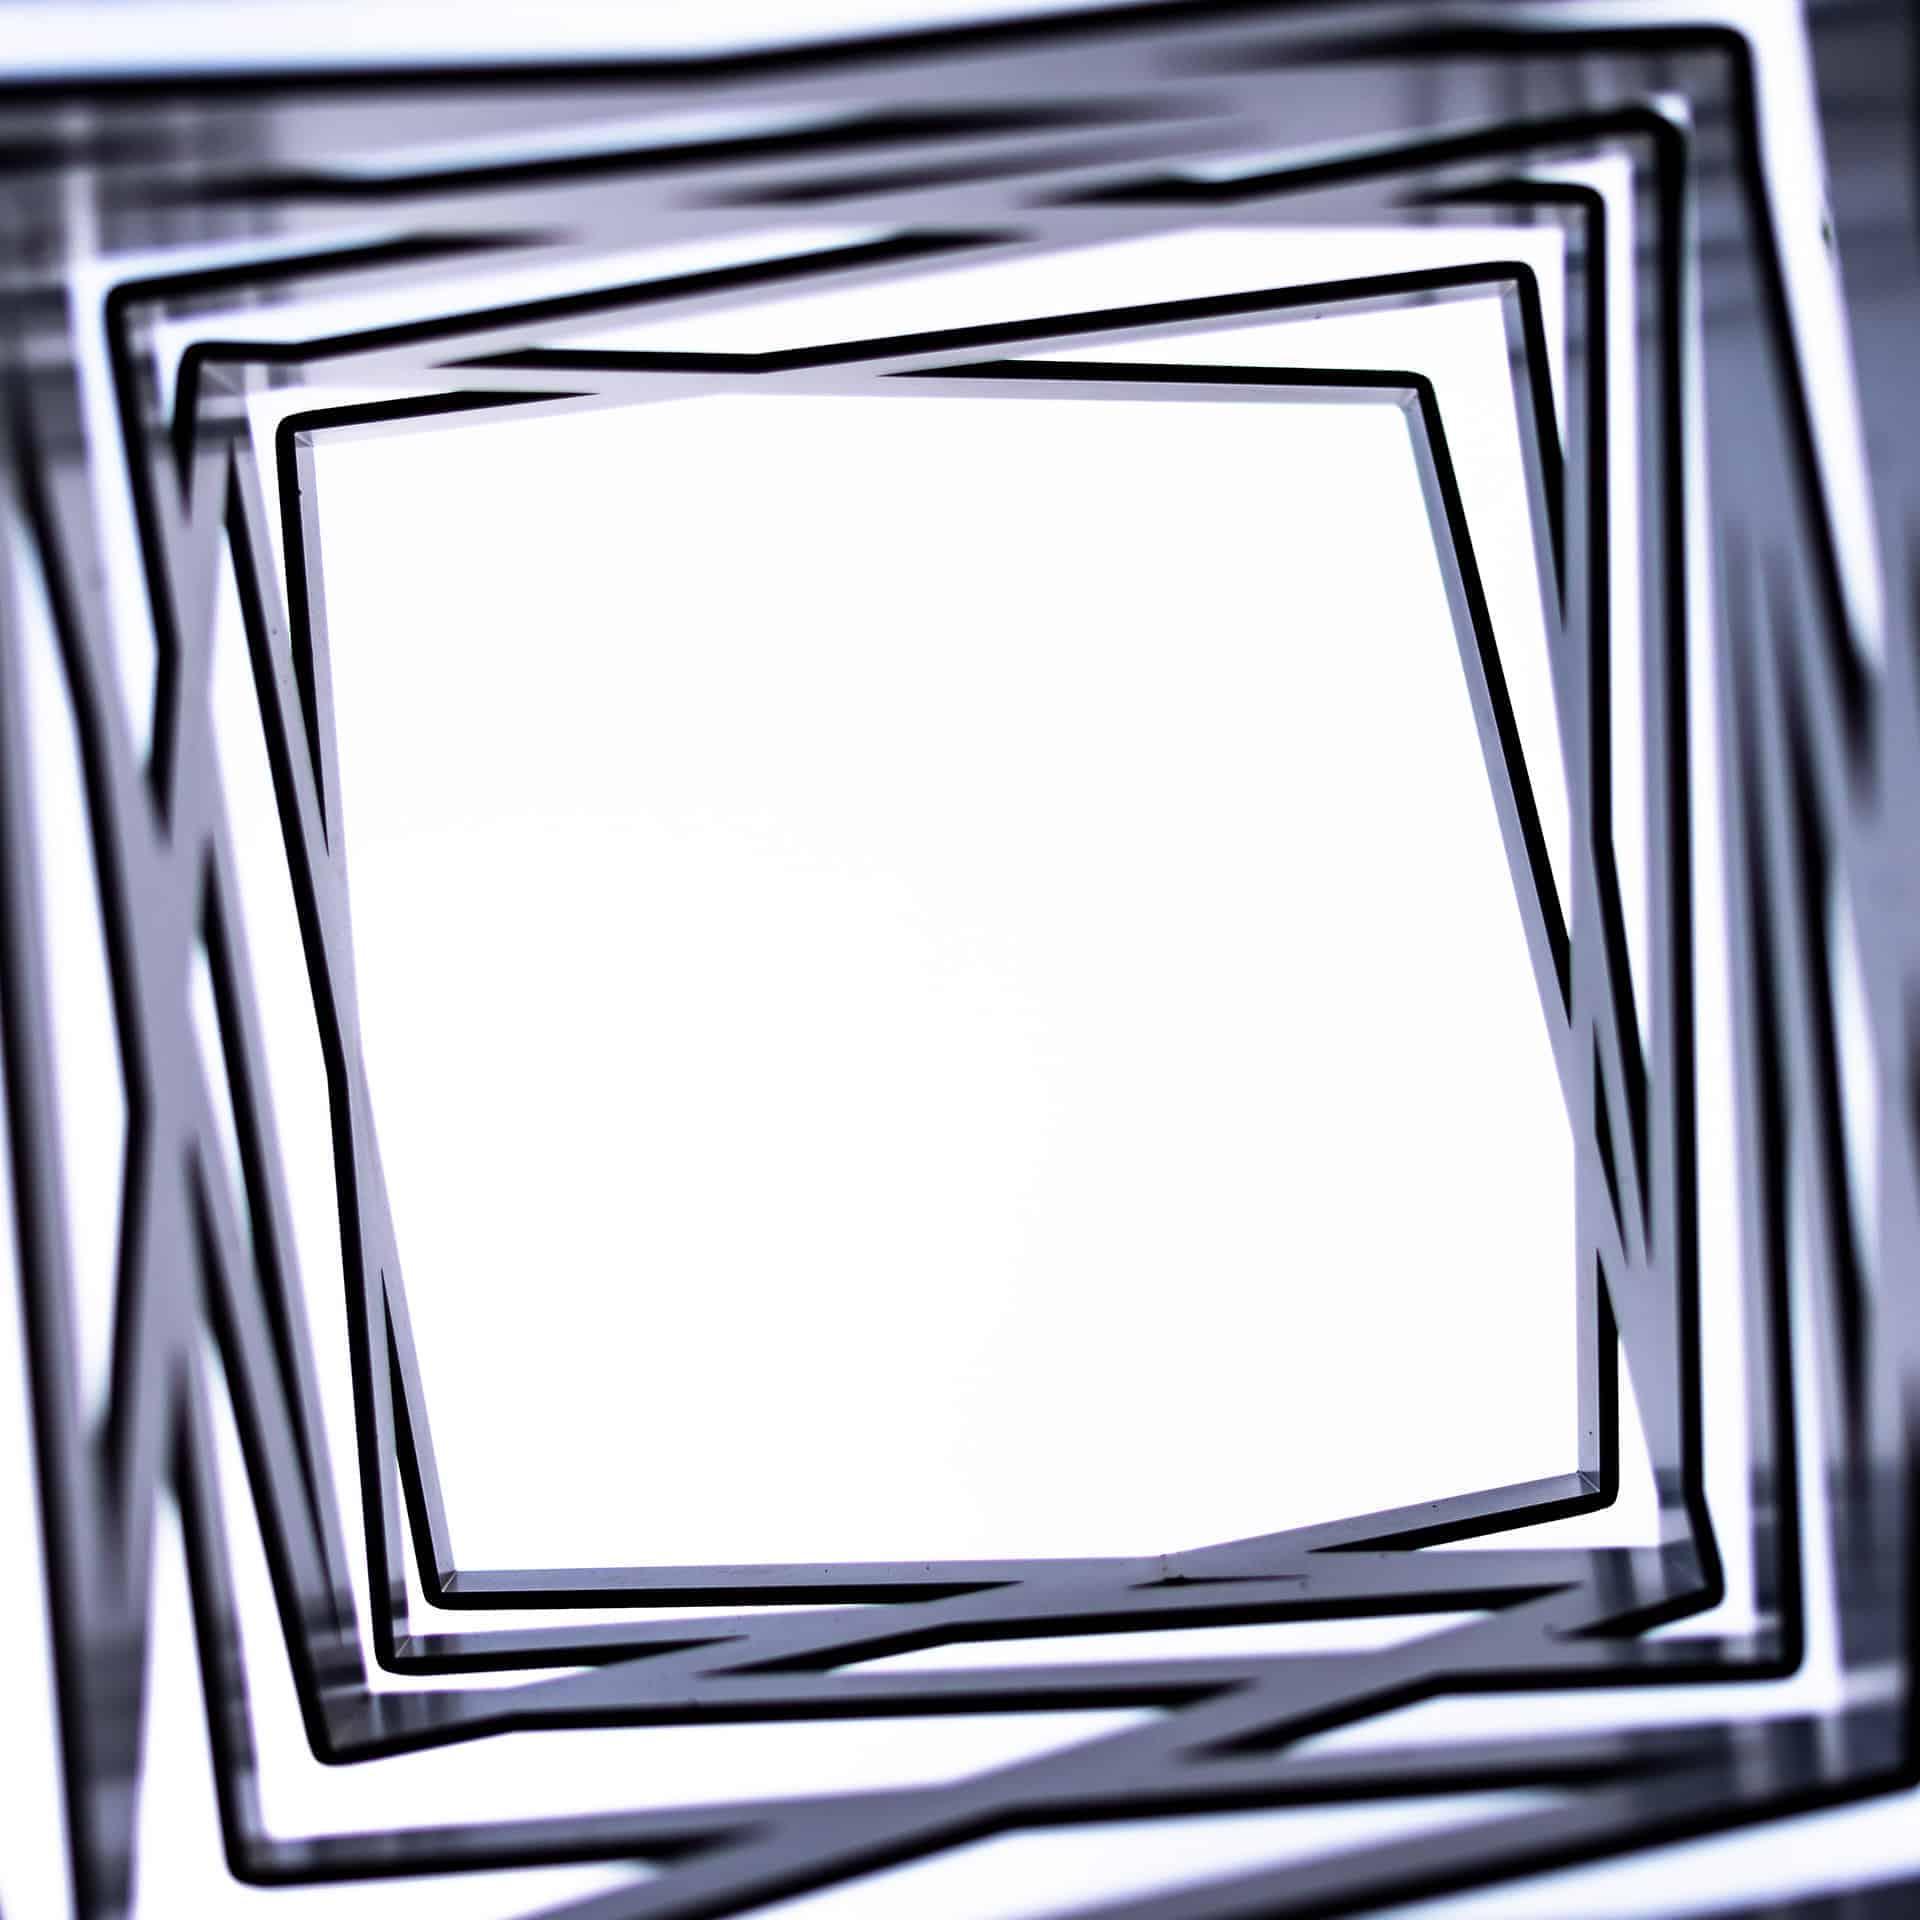 artnorama - Hip to be Square